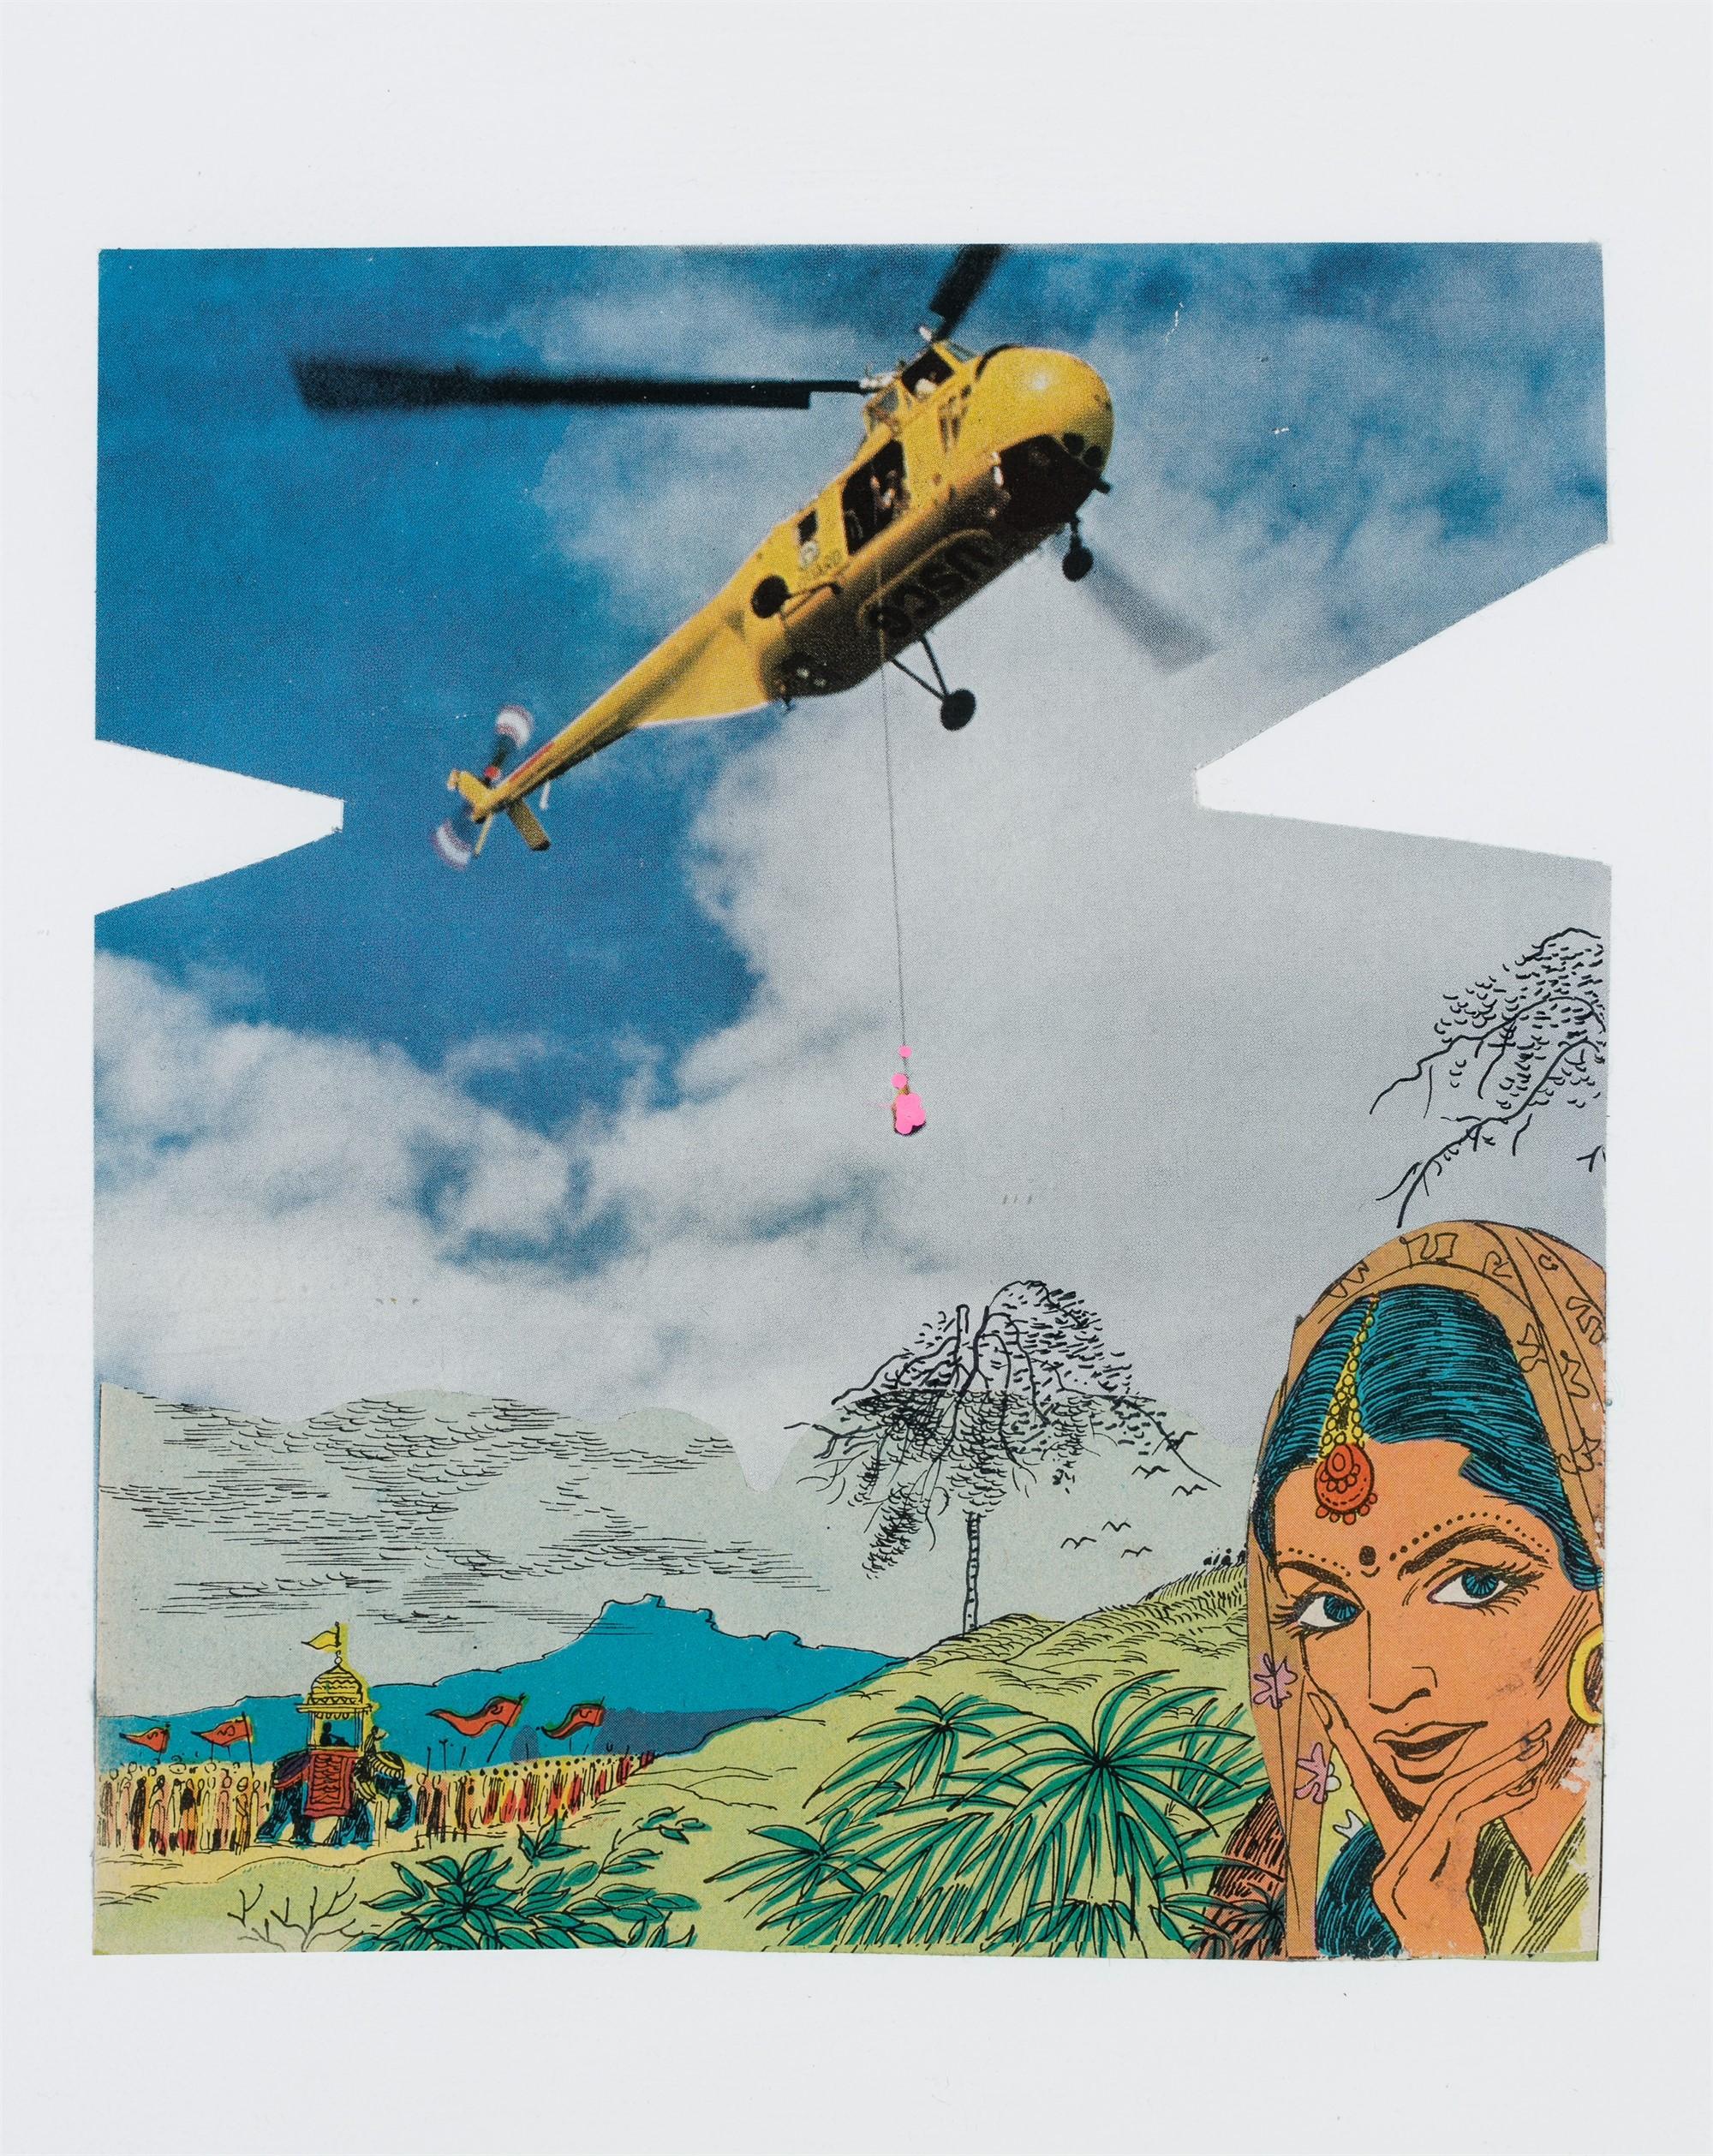 The Great Escape by Suchitra Mattai